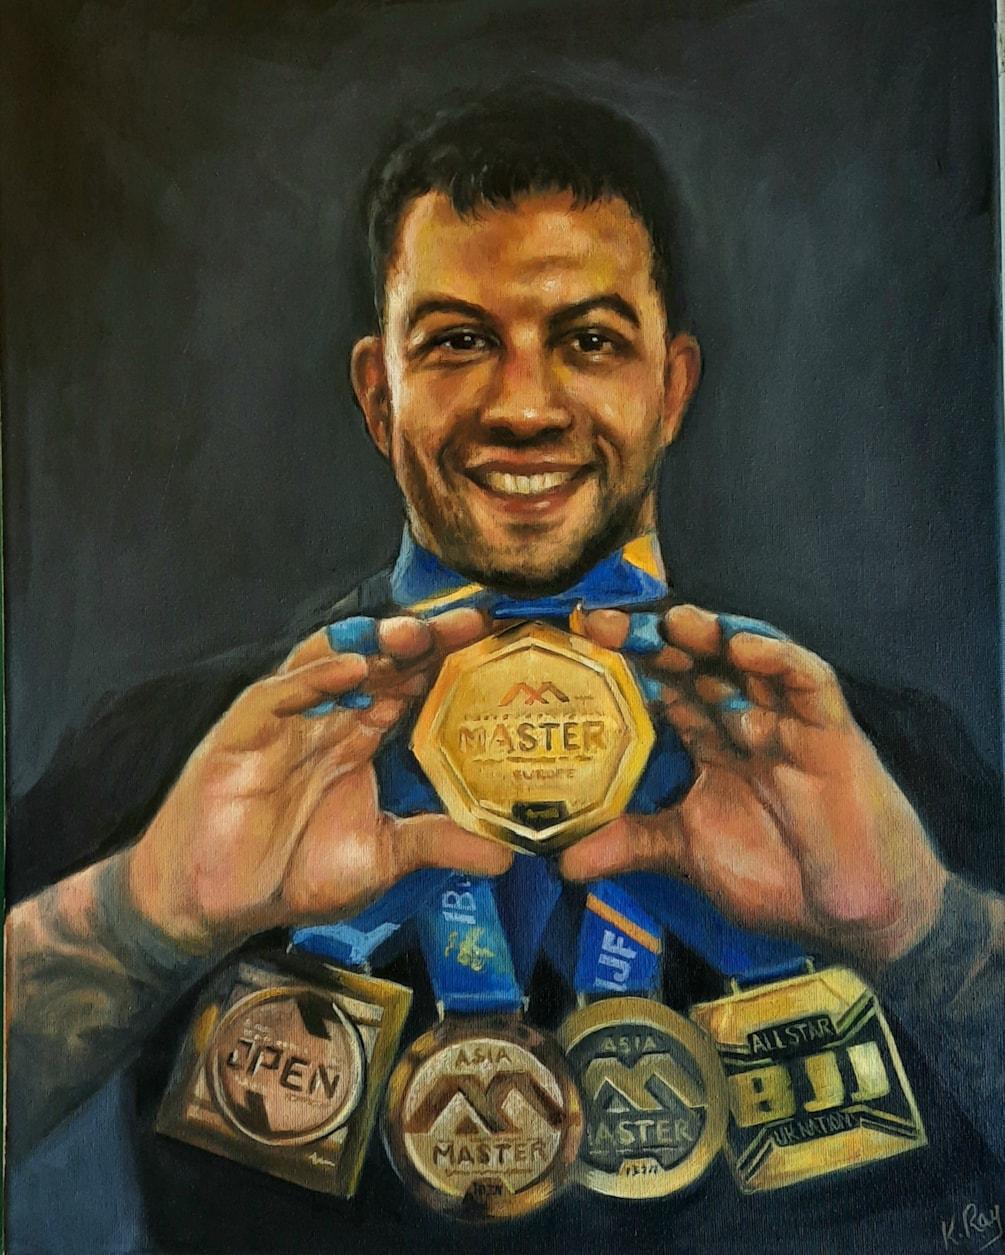 Tony painting